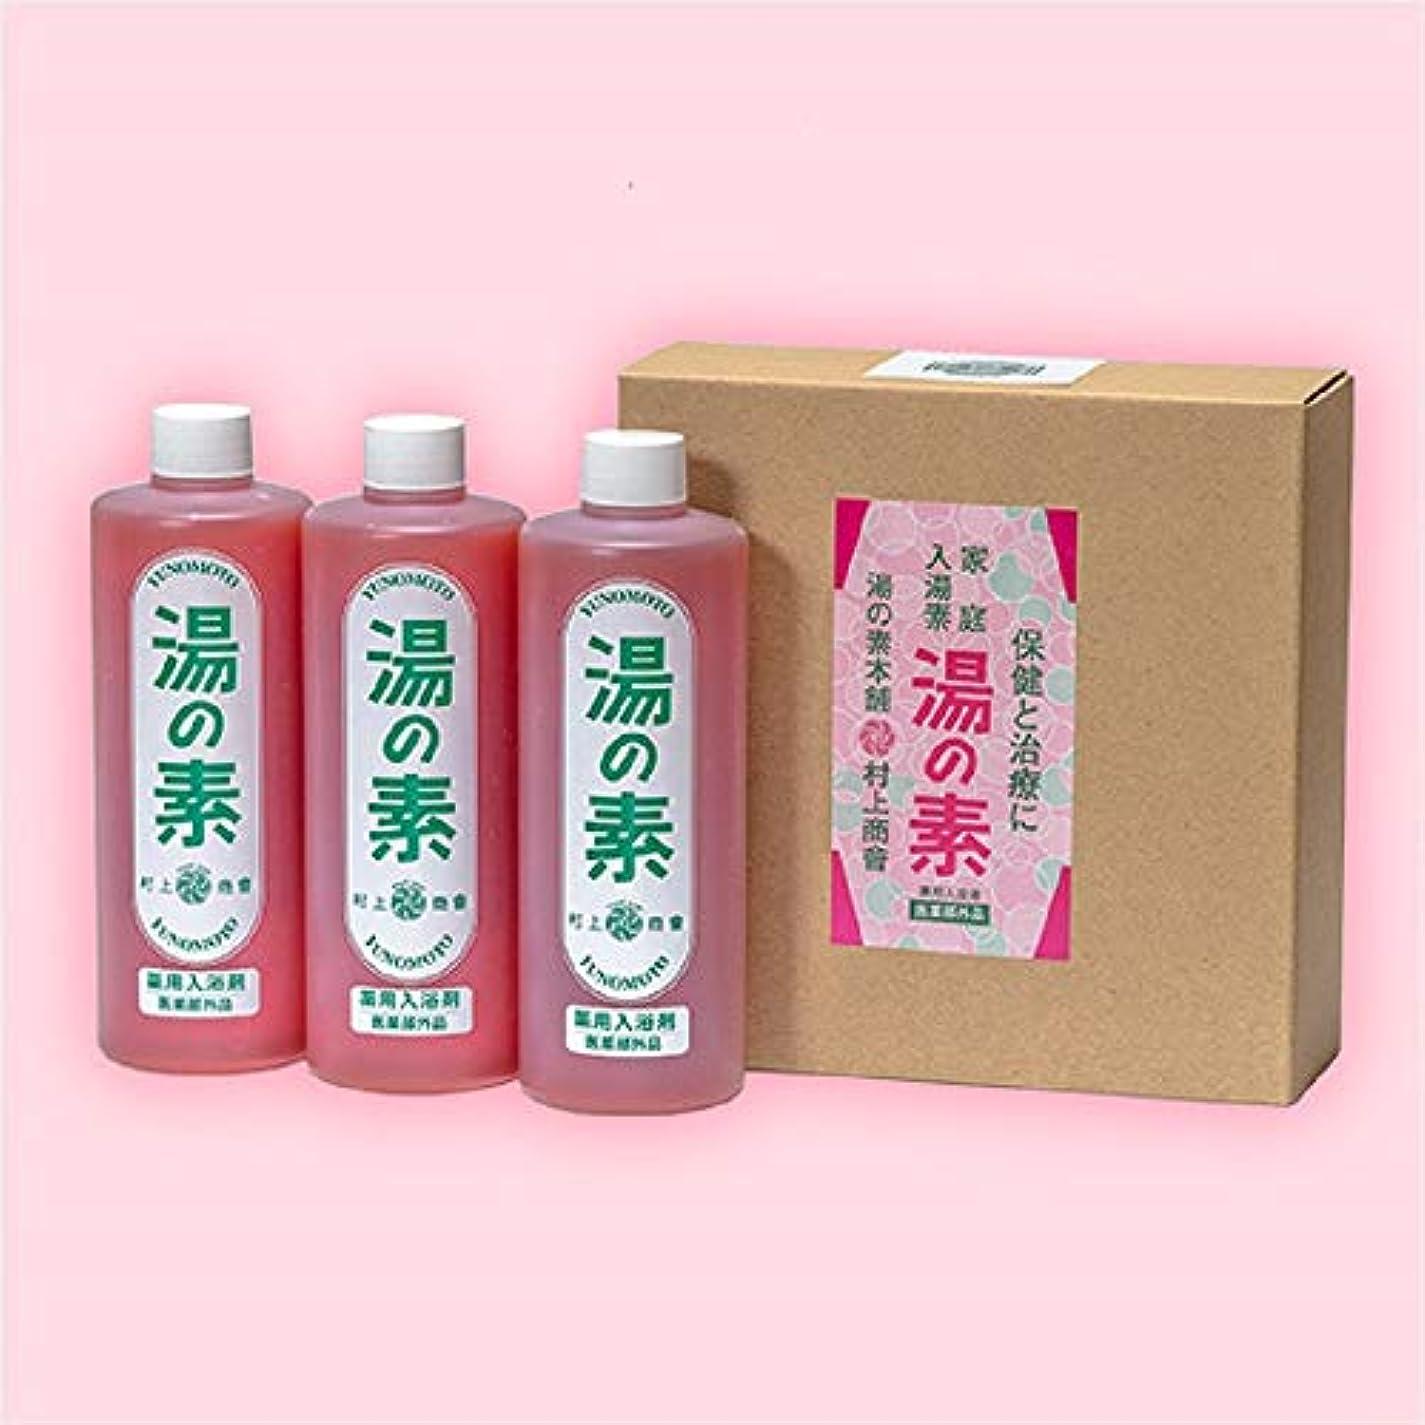 弁護人タイプライターカヌー薬用入浴剤 湯の素 [医薬部外品] 490g(約50回分) 3本セット